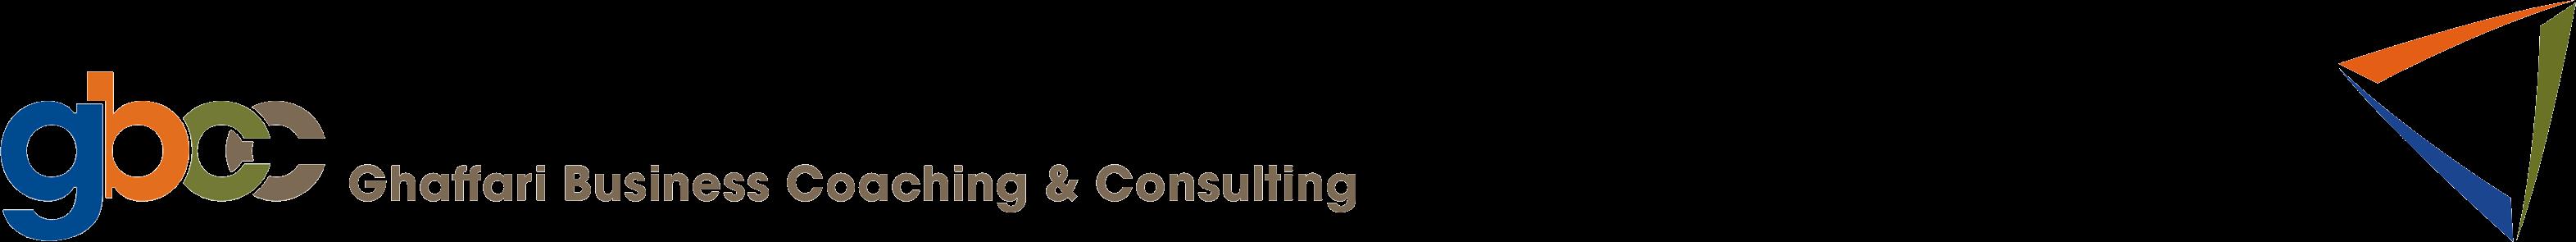 Ghaffari Business Coaching & Consulting